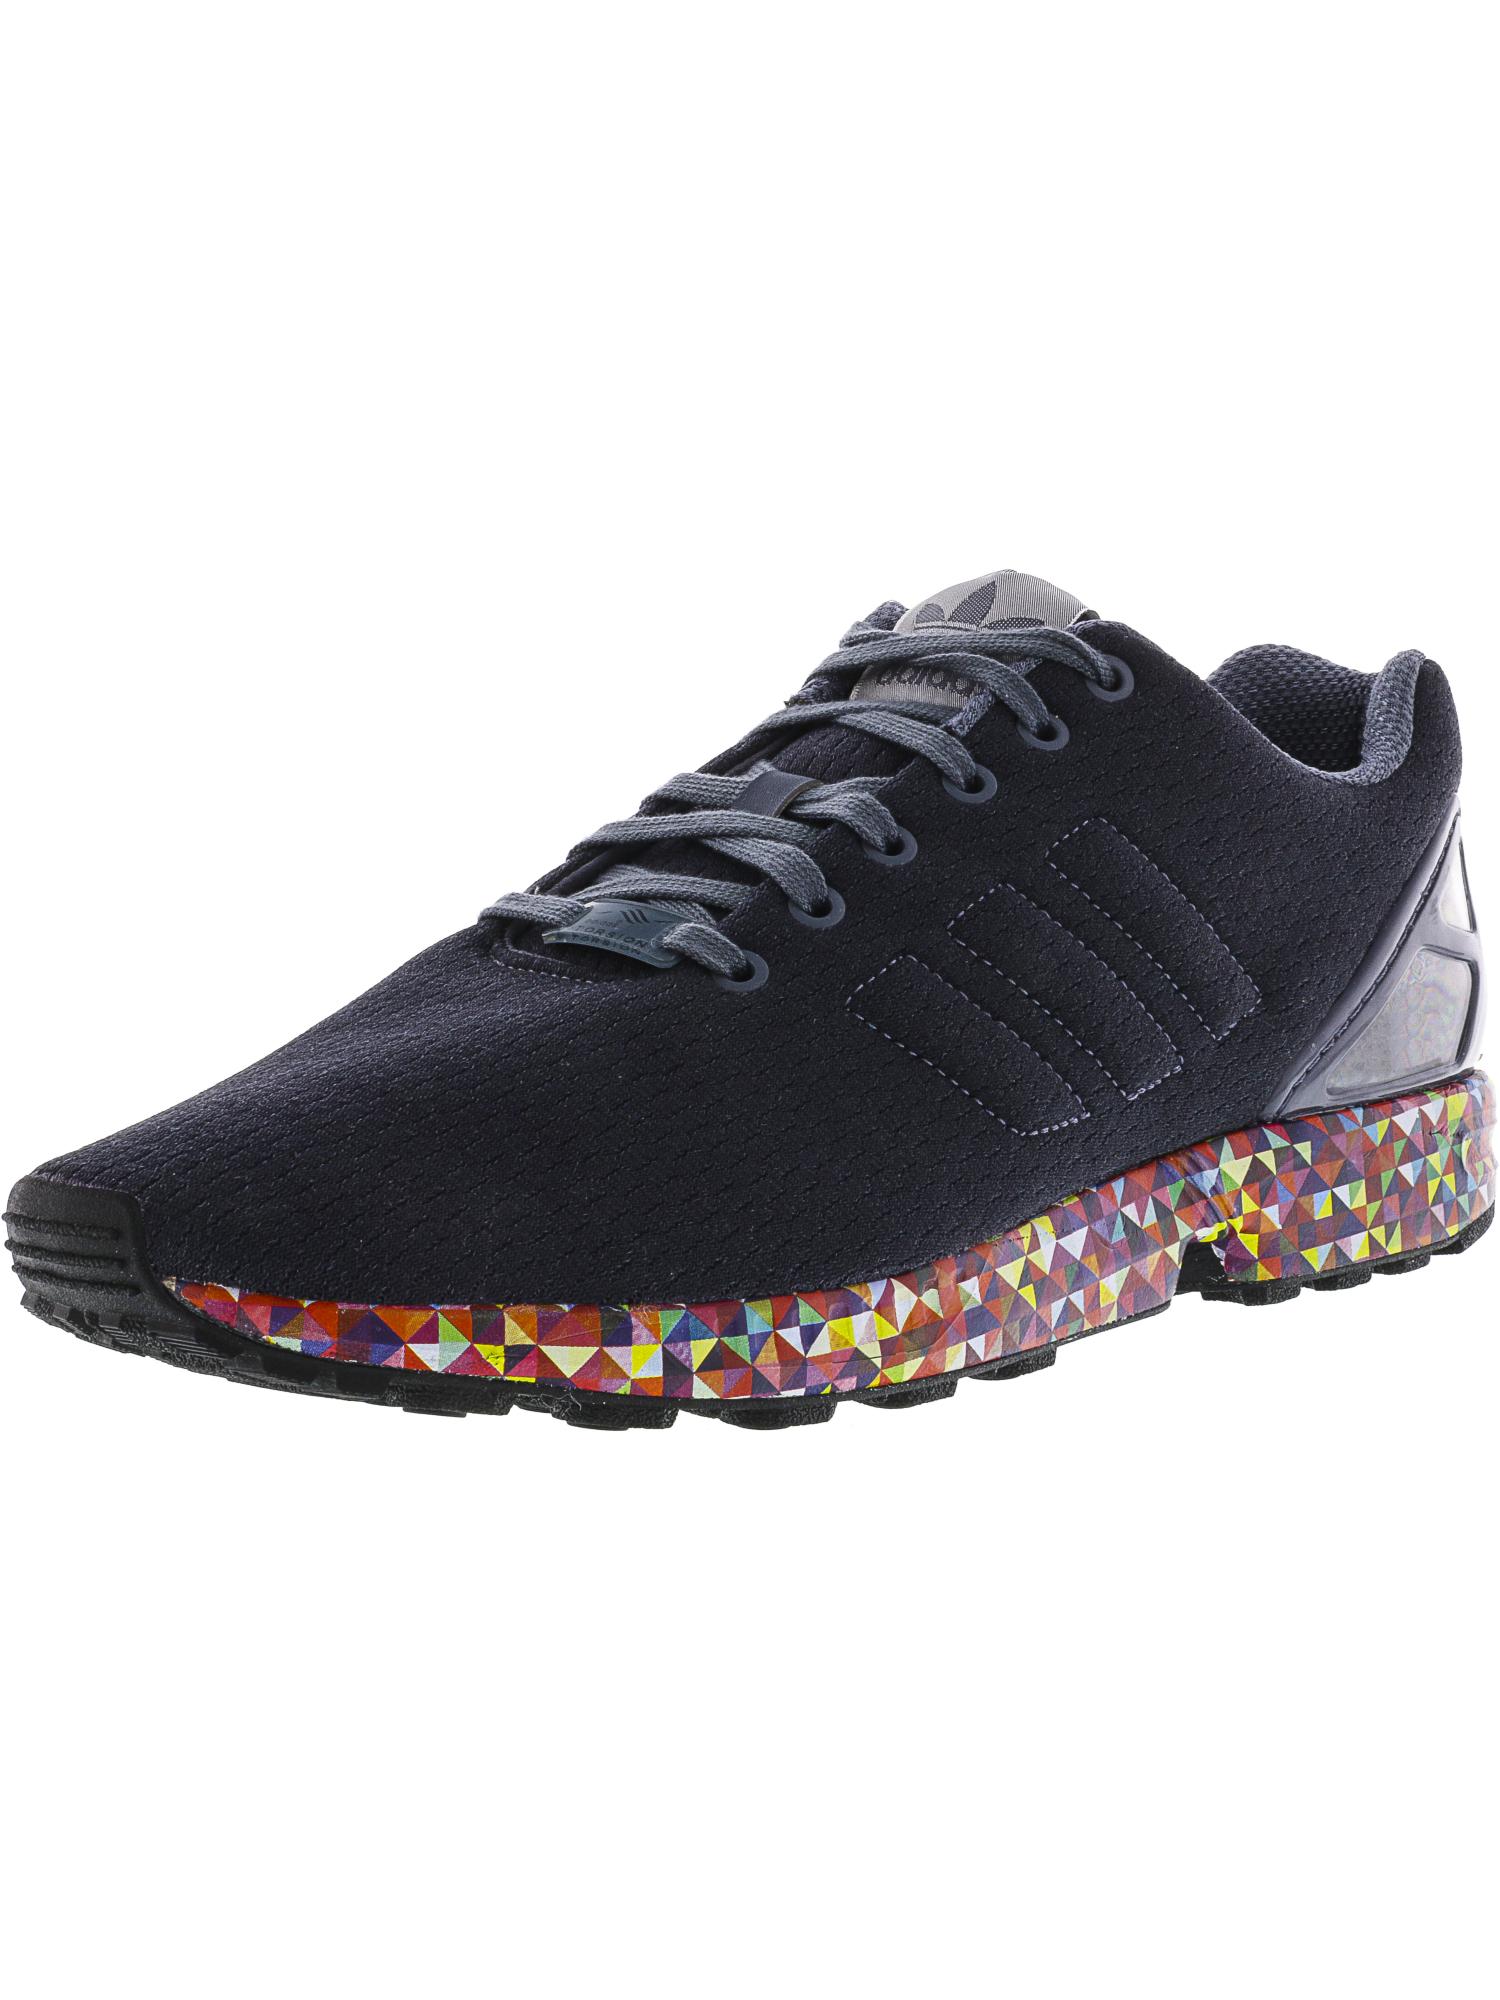 adidas uomini zx flusso caviglia alta scarpa da corsa su ebay